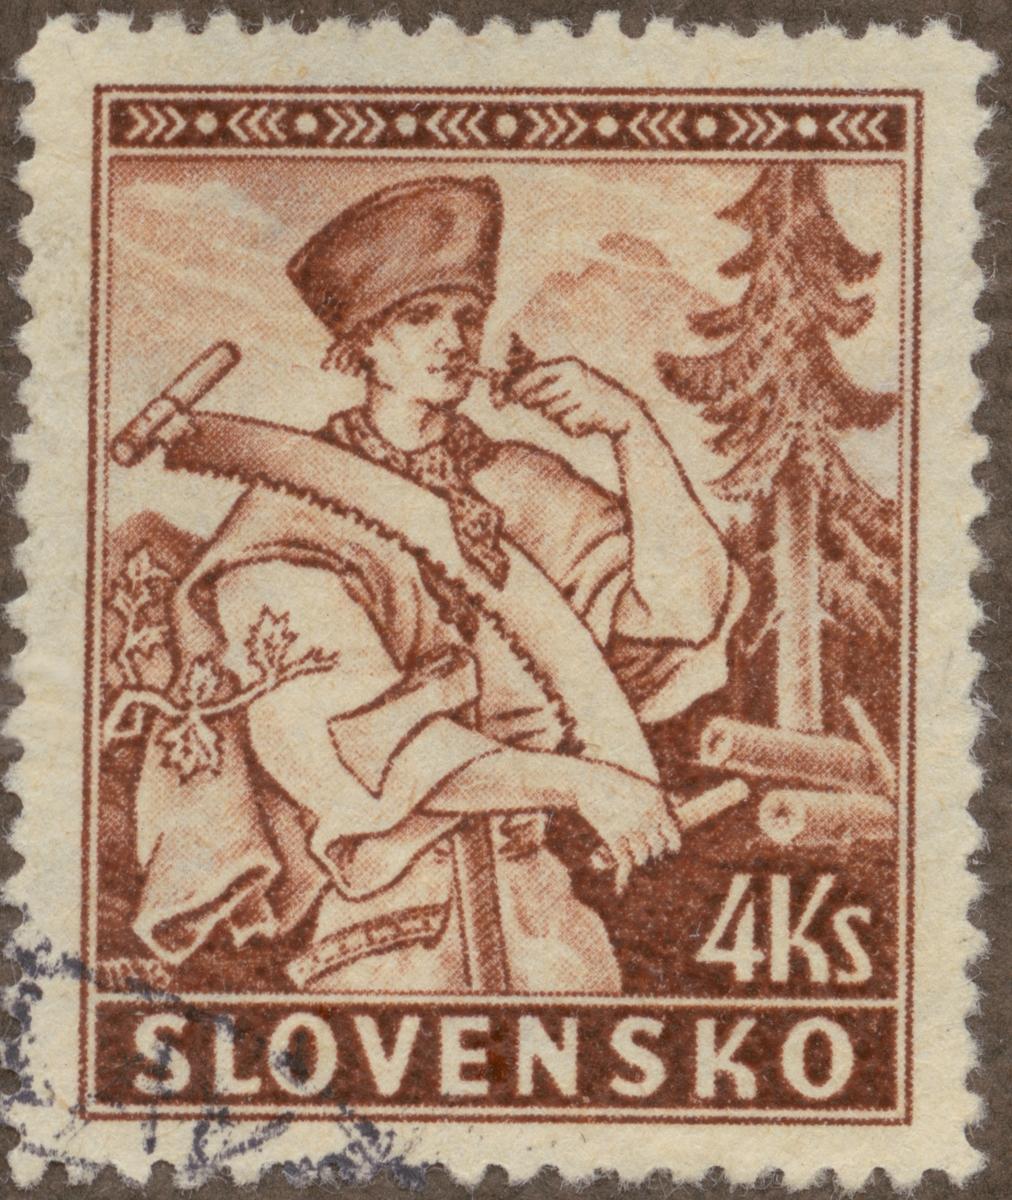 Frimärke ur Gösta Bodmans filatelistiska motivsamling, påbörjad 1950. Frimärke från Slovakien, 1939. Motiv av skogsarbetare.